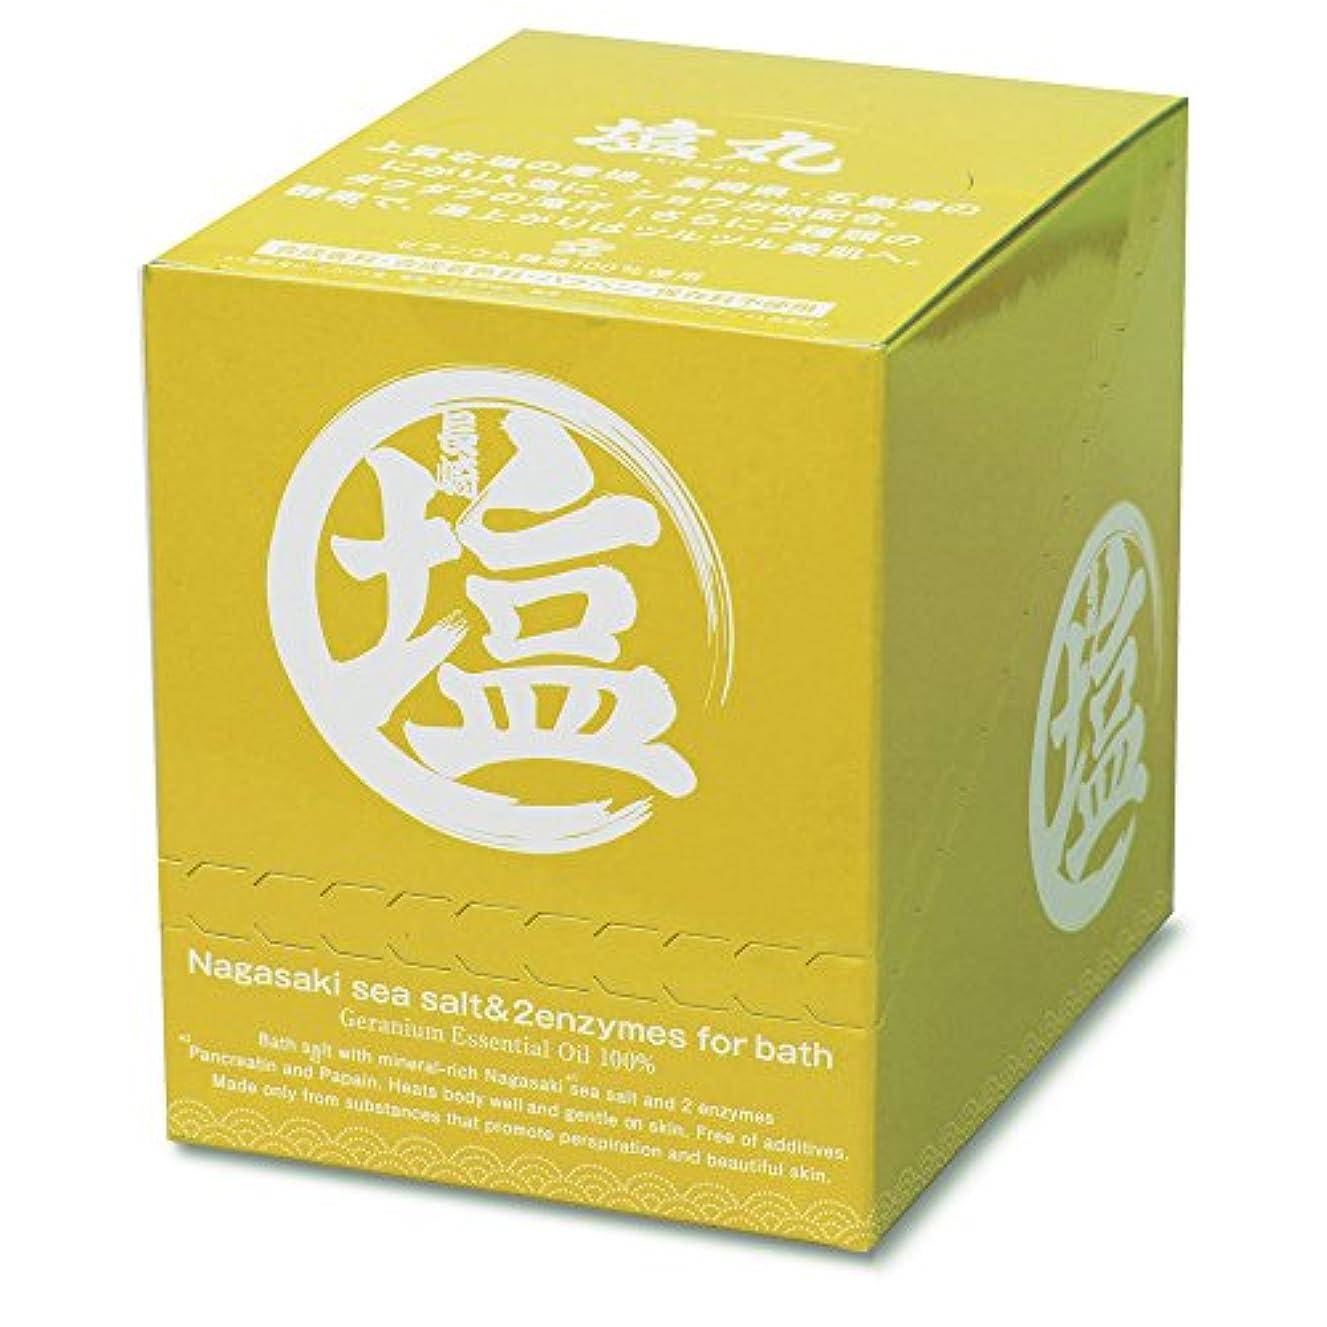 主要などちらも講師(塩丸)長崎産にがり入海塩入浴剤(40g×12包入)イランイラン精油/合成香料?合成着色料?保存料不使用